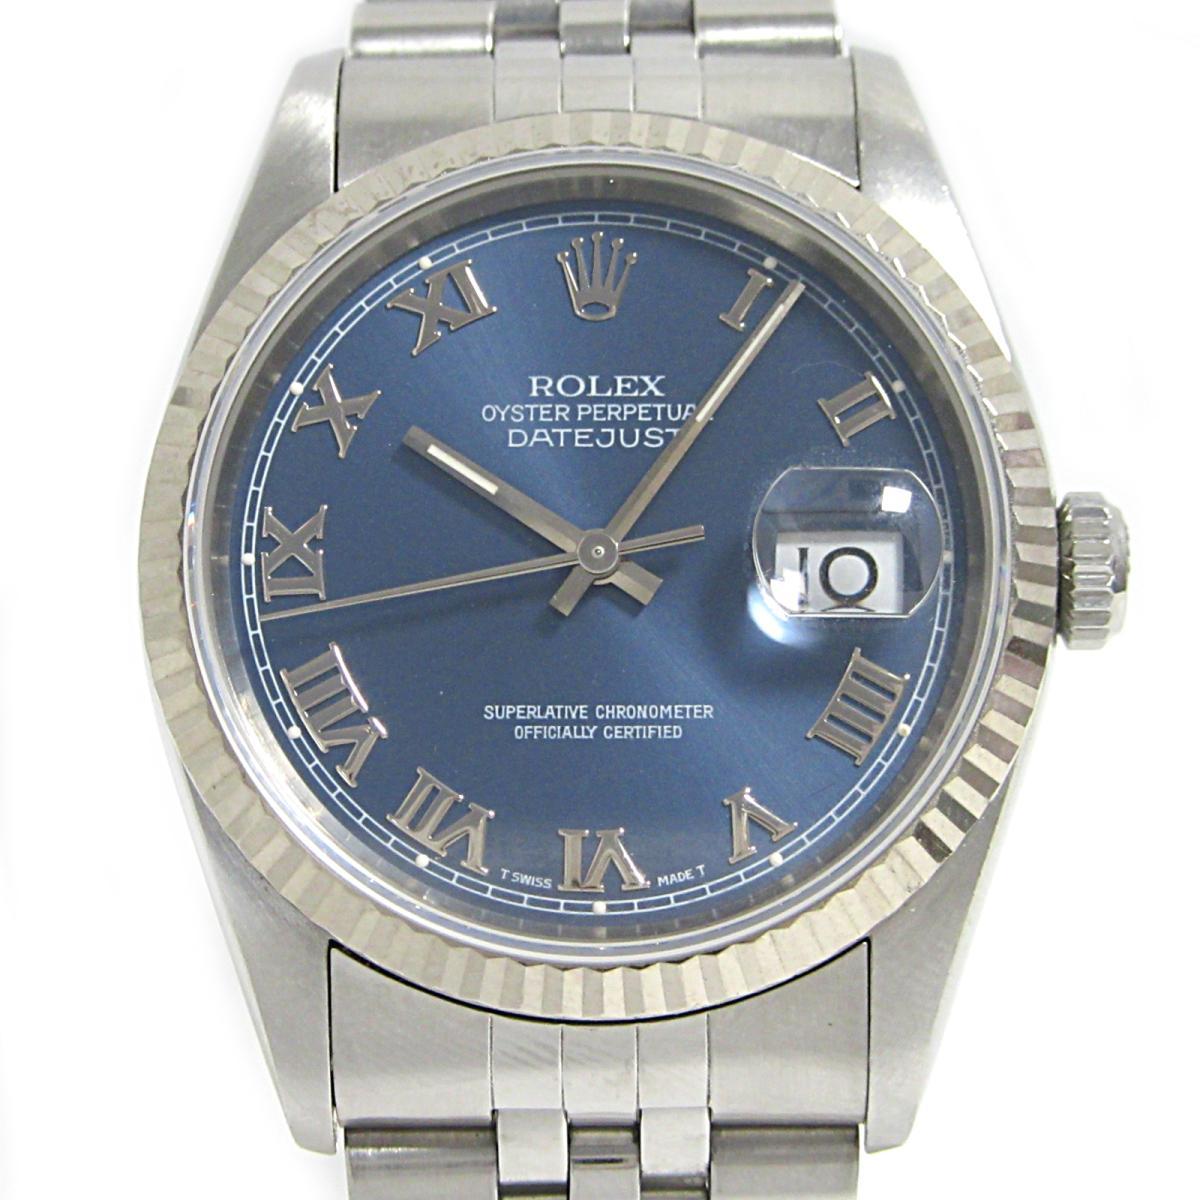 【おしゃれ】 【】ロレックス【】ロレックス デイトジャスト ブランド 腕時計 ウォッチ | メンズ ステンレススチール (SS) K18WG (750)ホワイトゴールド (16234) | ROLEX BRANDOFF ブランドオフ ブランド ブランド時計 ブランド腕時計 時計, 雑貨 クローバー:dc80c216 --- baecker-innung-westfalen-sued.de